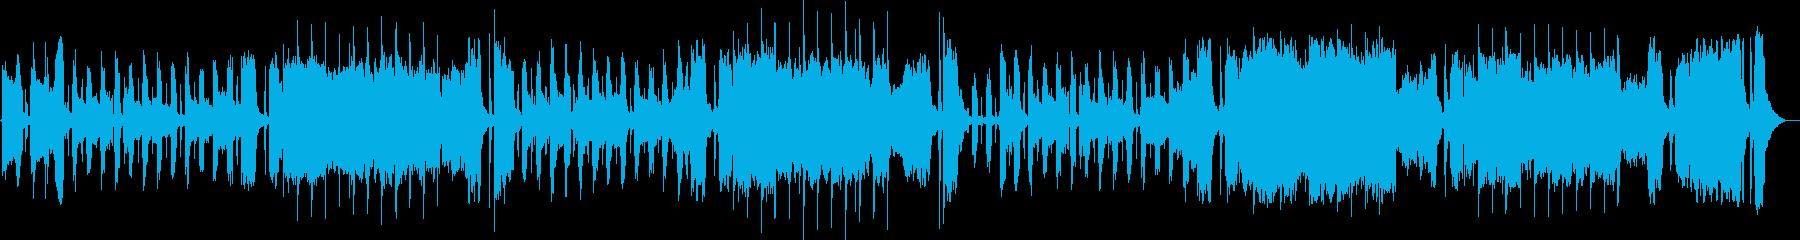 アコーディオンの音色が少し気だるい、ス…の再生済みの波形